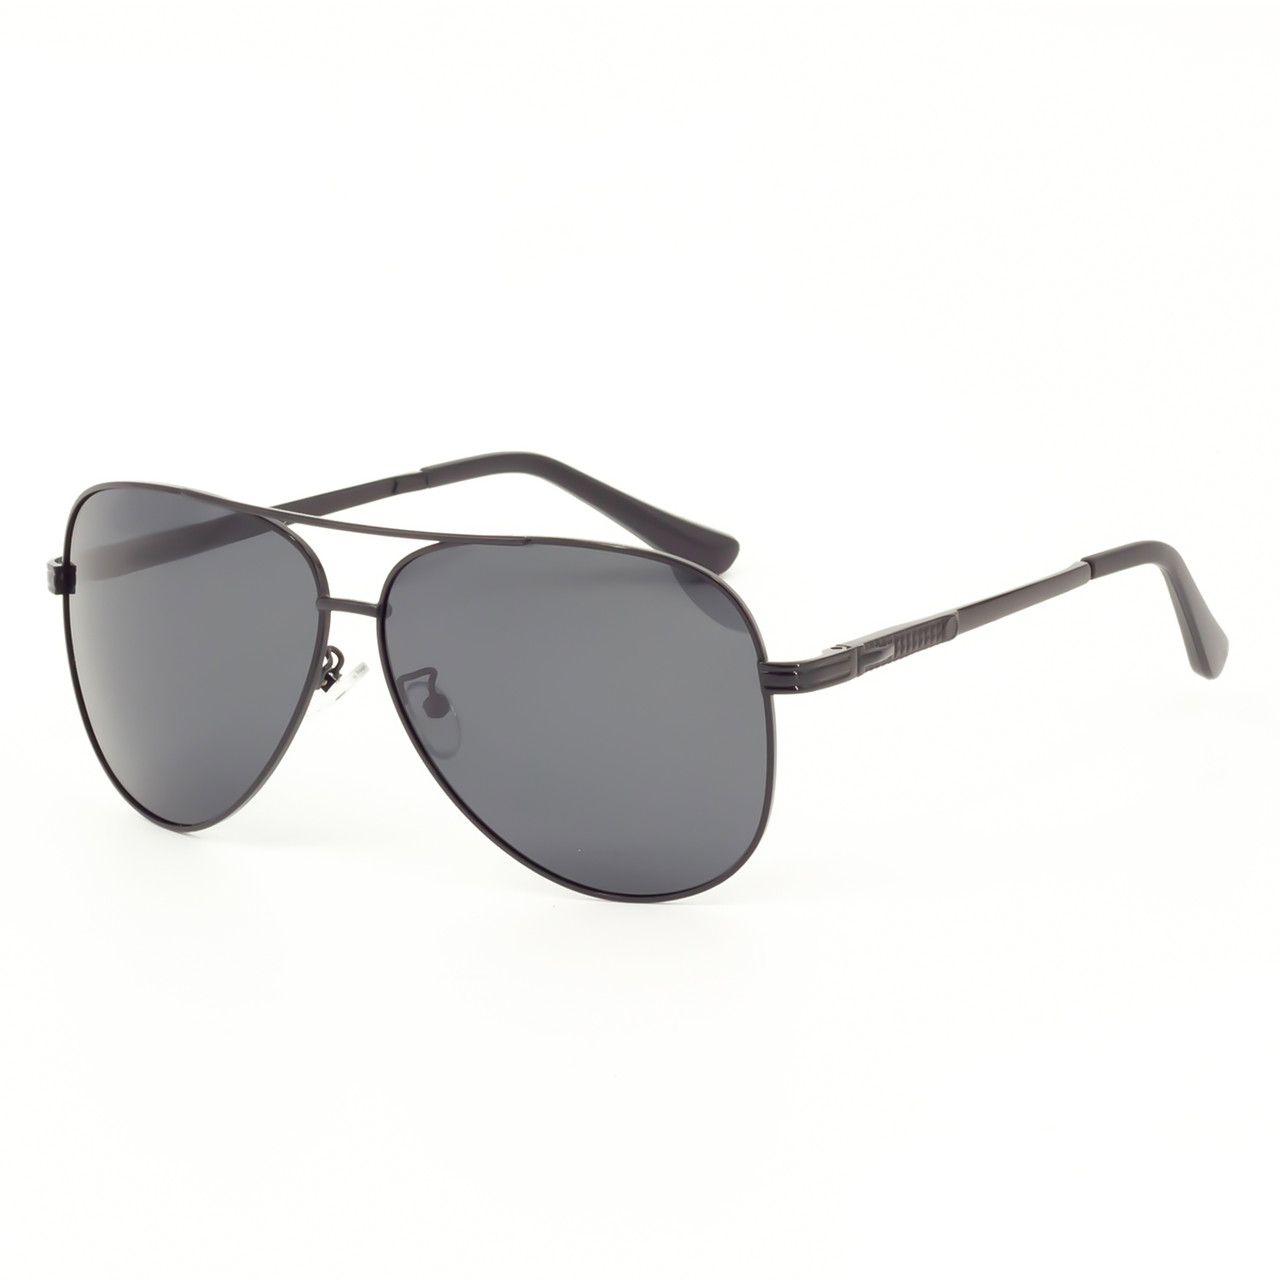 Сонцезахисні окуляри Marmilen Polar 1936 C1 чорні ( BA1936-01 )